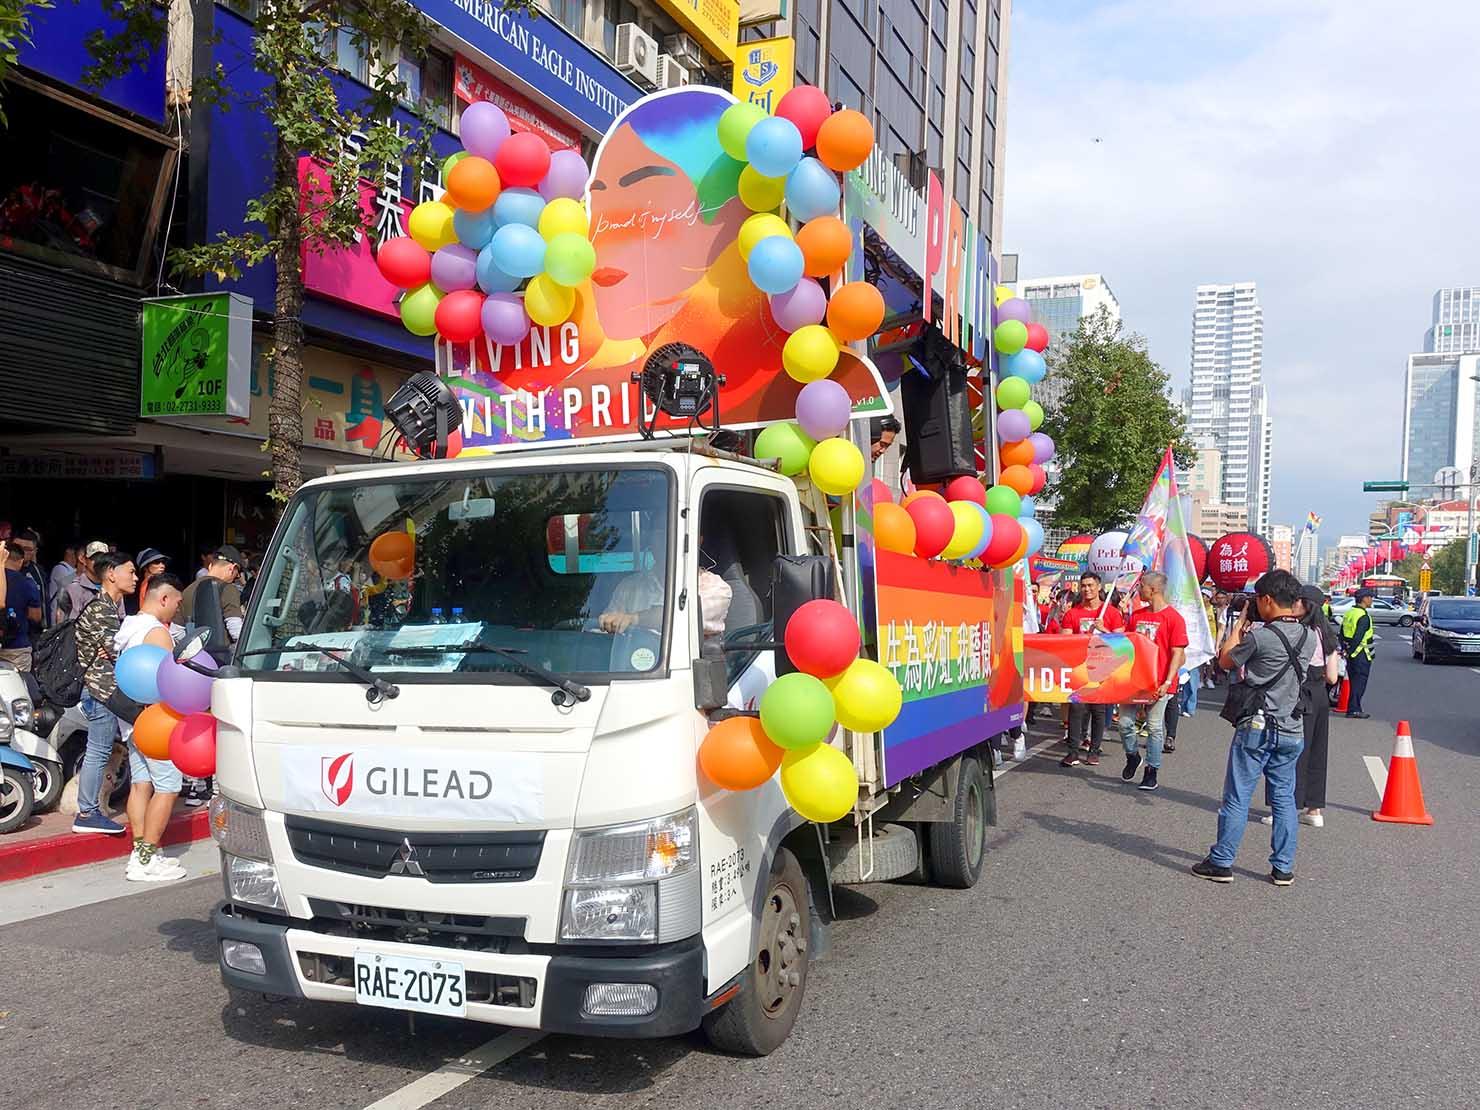 台灣同志遊行(台湾LGBTプライド)2019パレードでレインボーバルーン満載で走るフロート